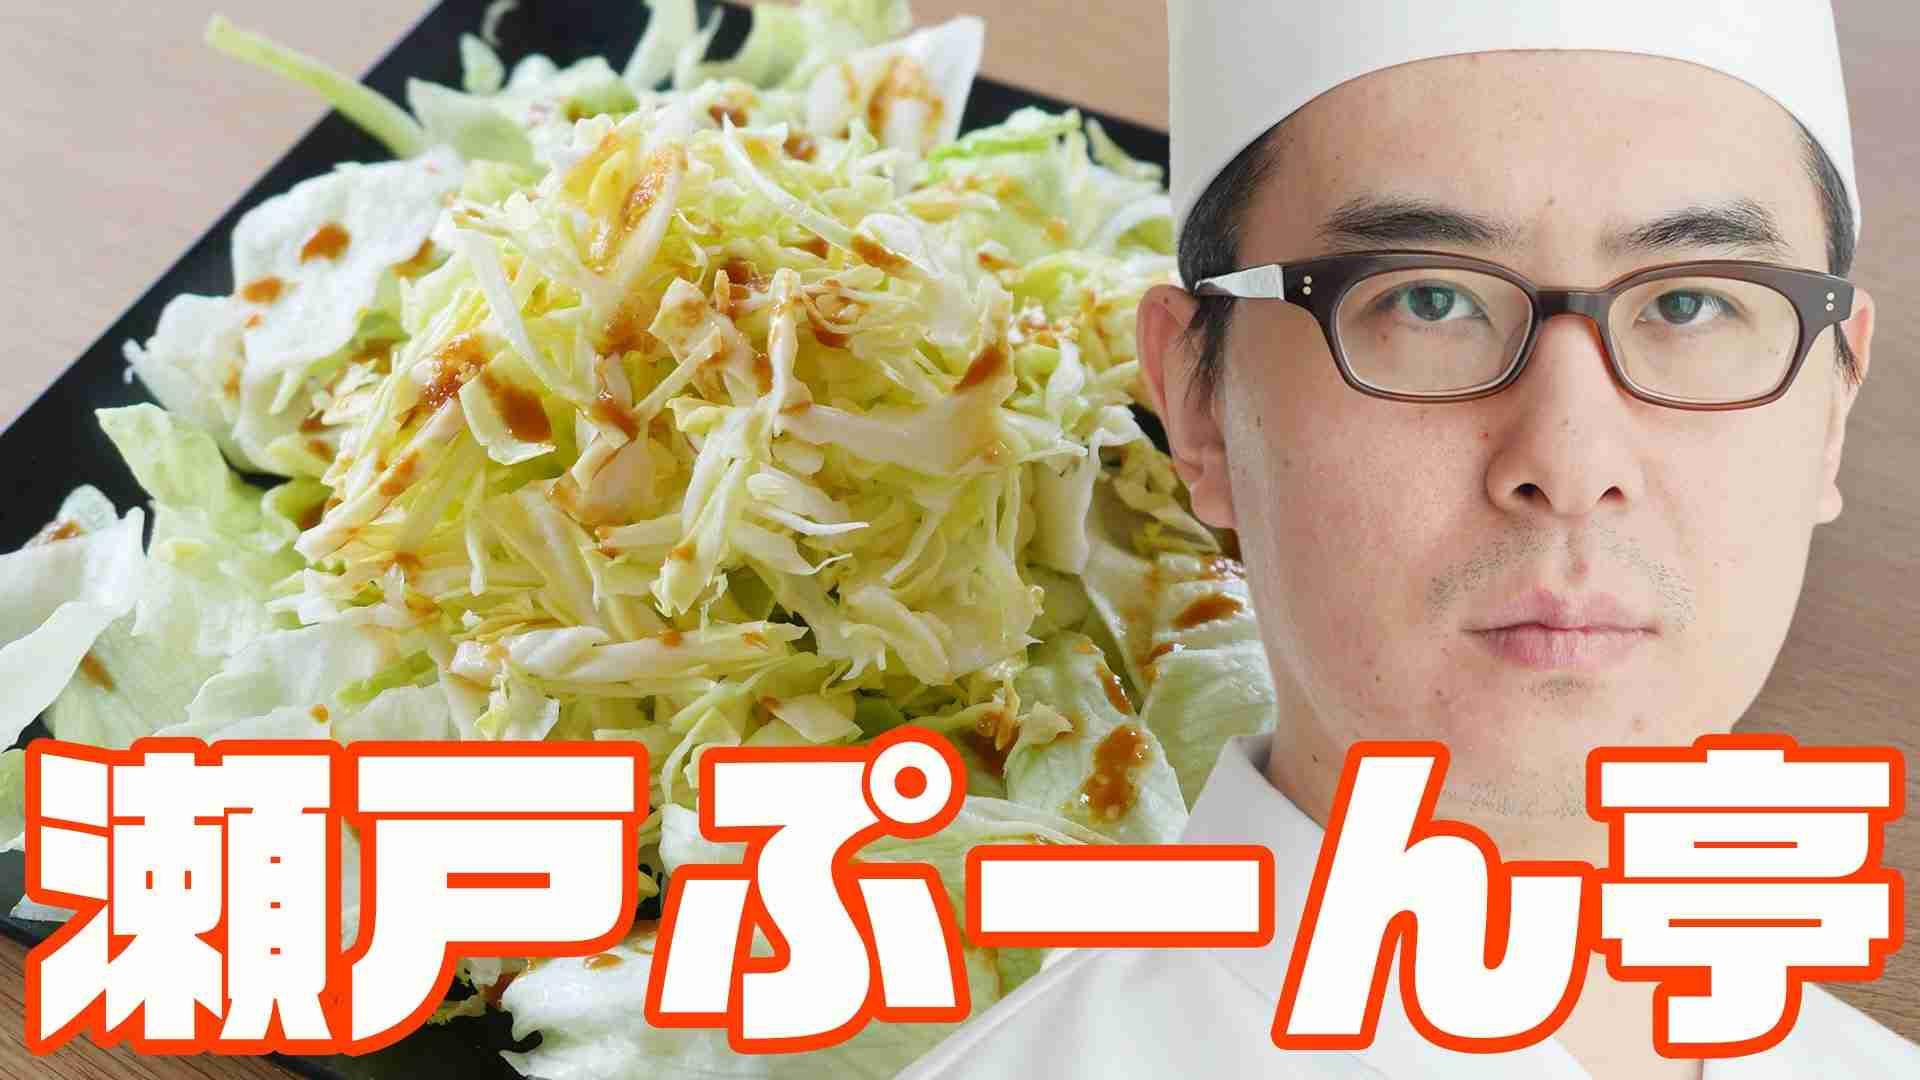 【新コーナー】瀬戸ぷーん亭にようこそ! 第一回「キャベツのレタス添え」 - YouTube